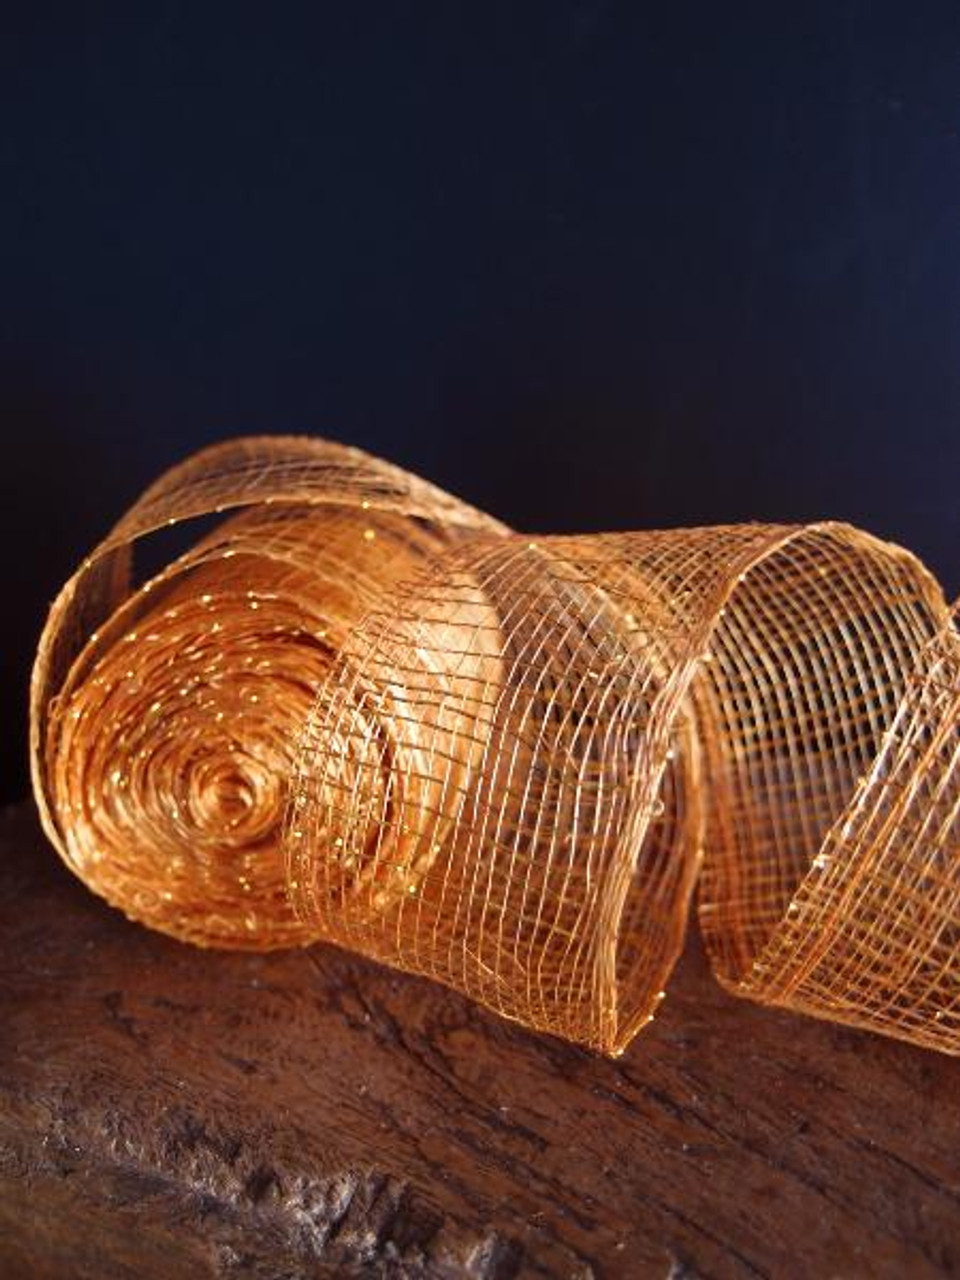 Orange Sinamay Ribbon 976-33, Wholesale Ribbon, Gift Packaging | Packaging Decor